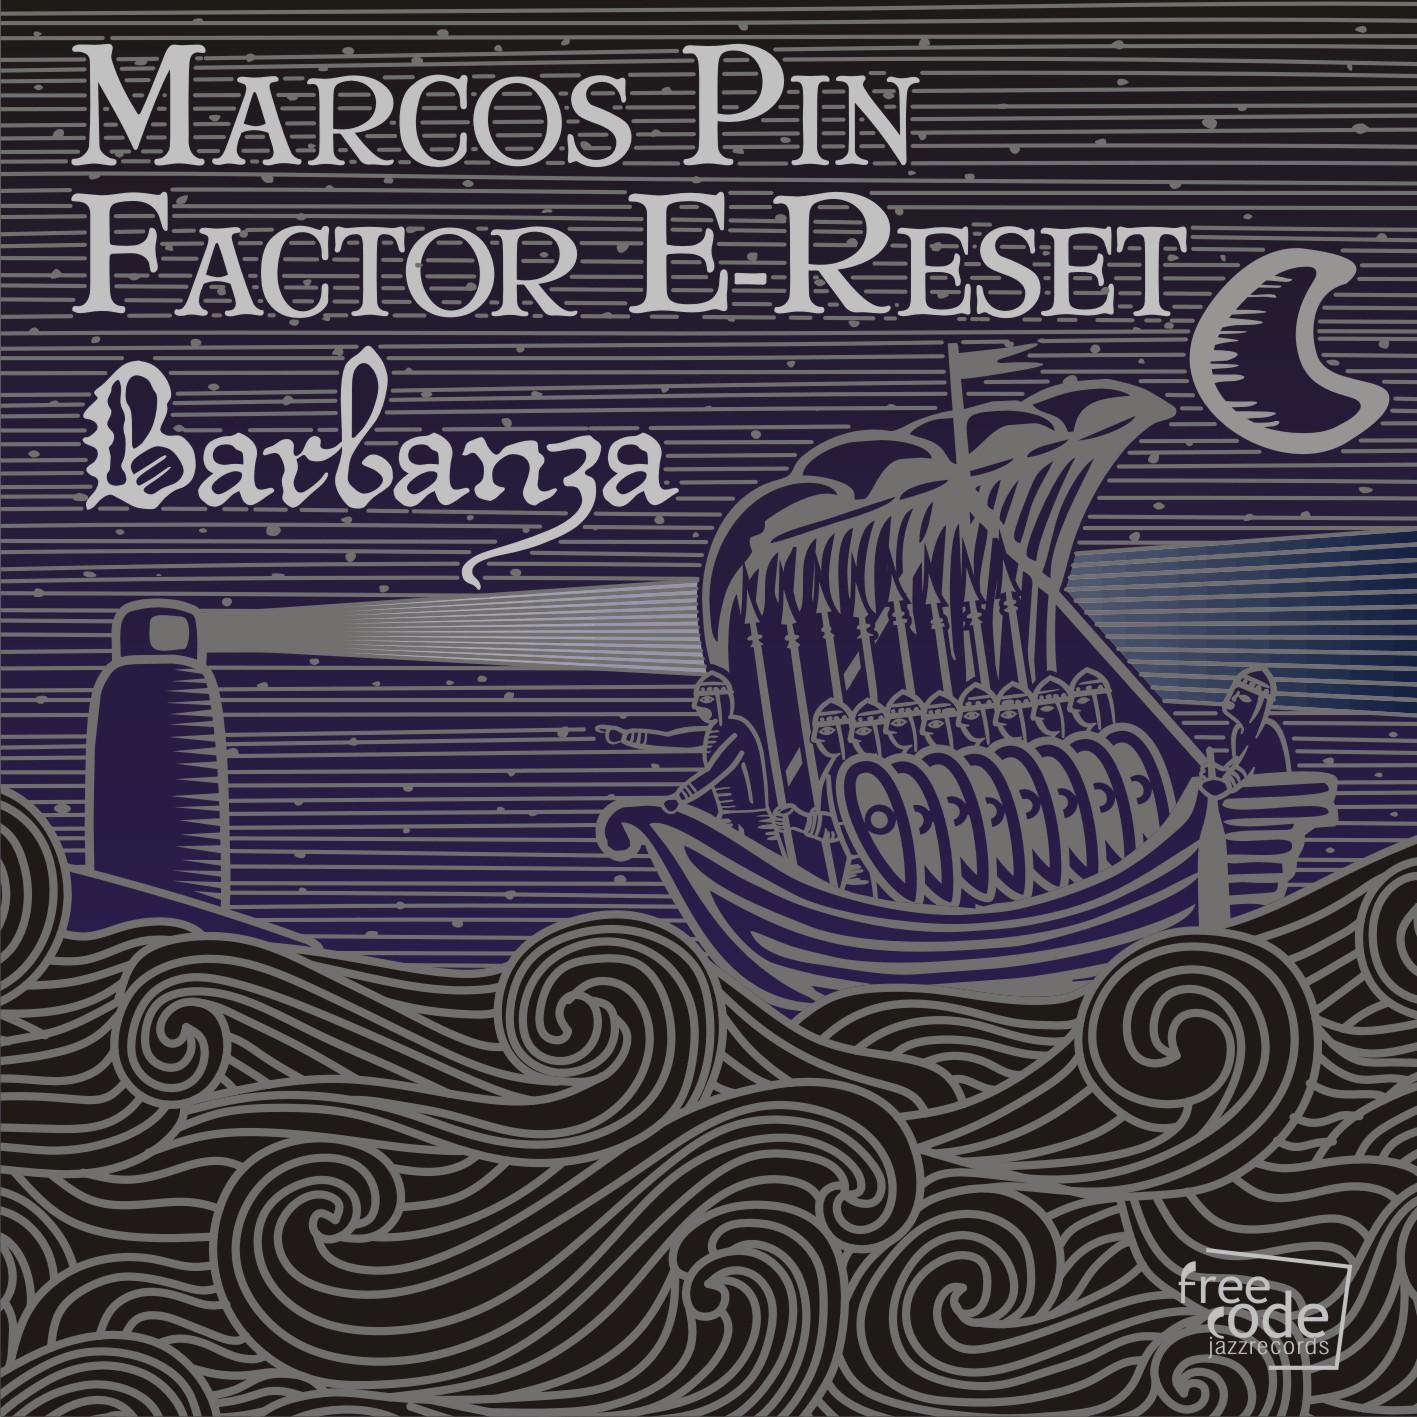 Marcos Pin Factor E-Reset Art Cover